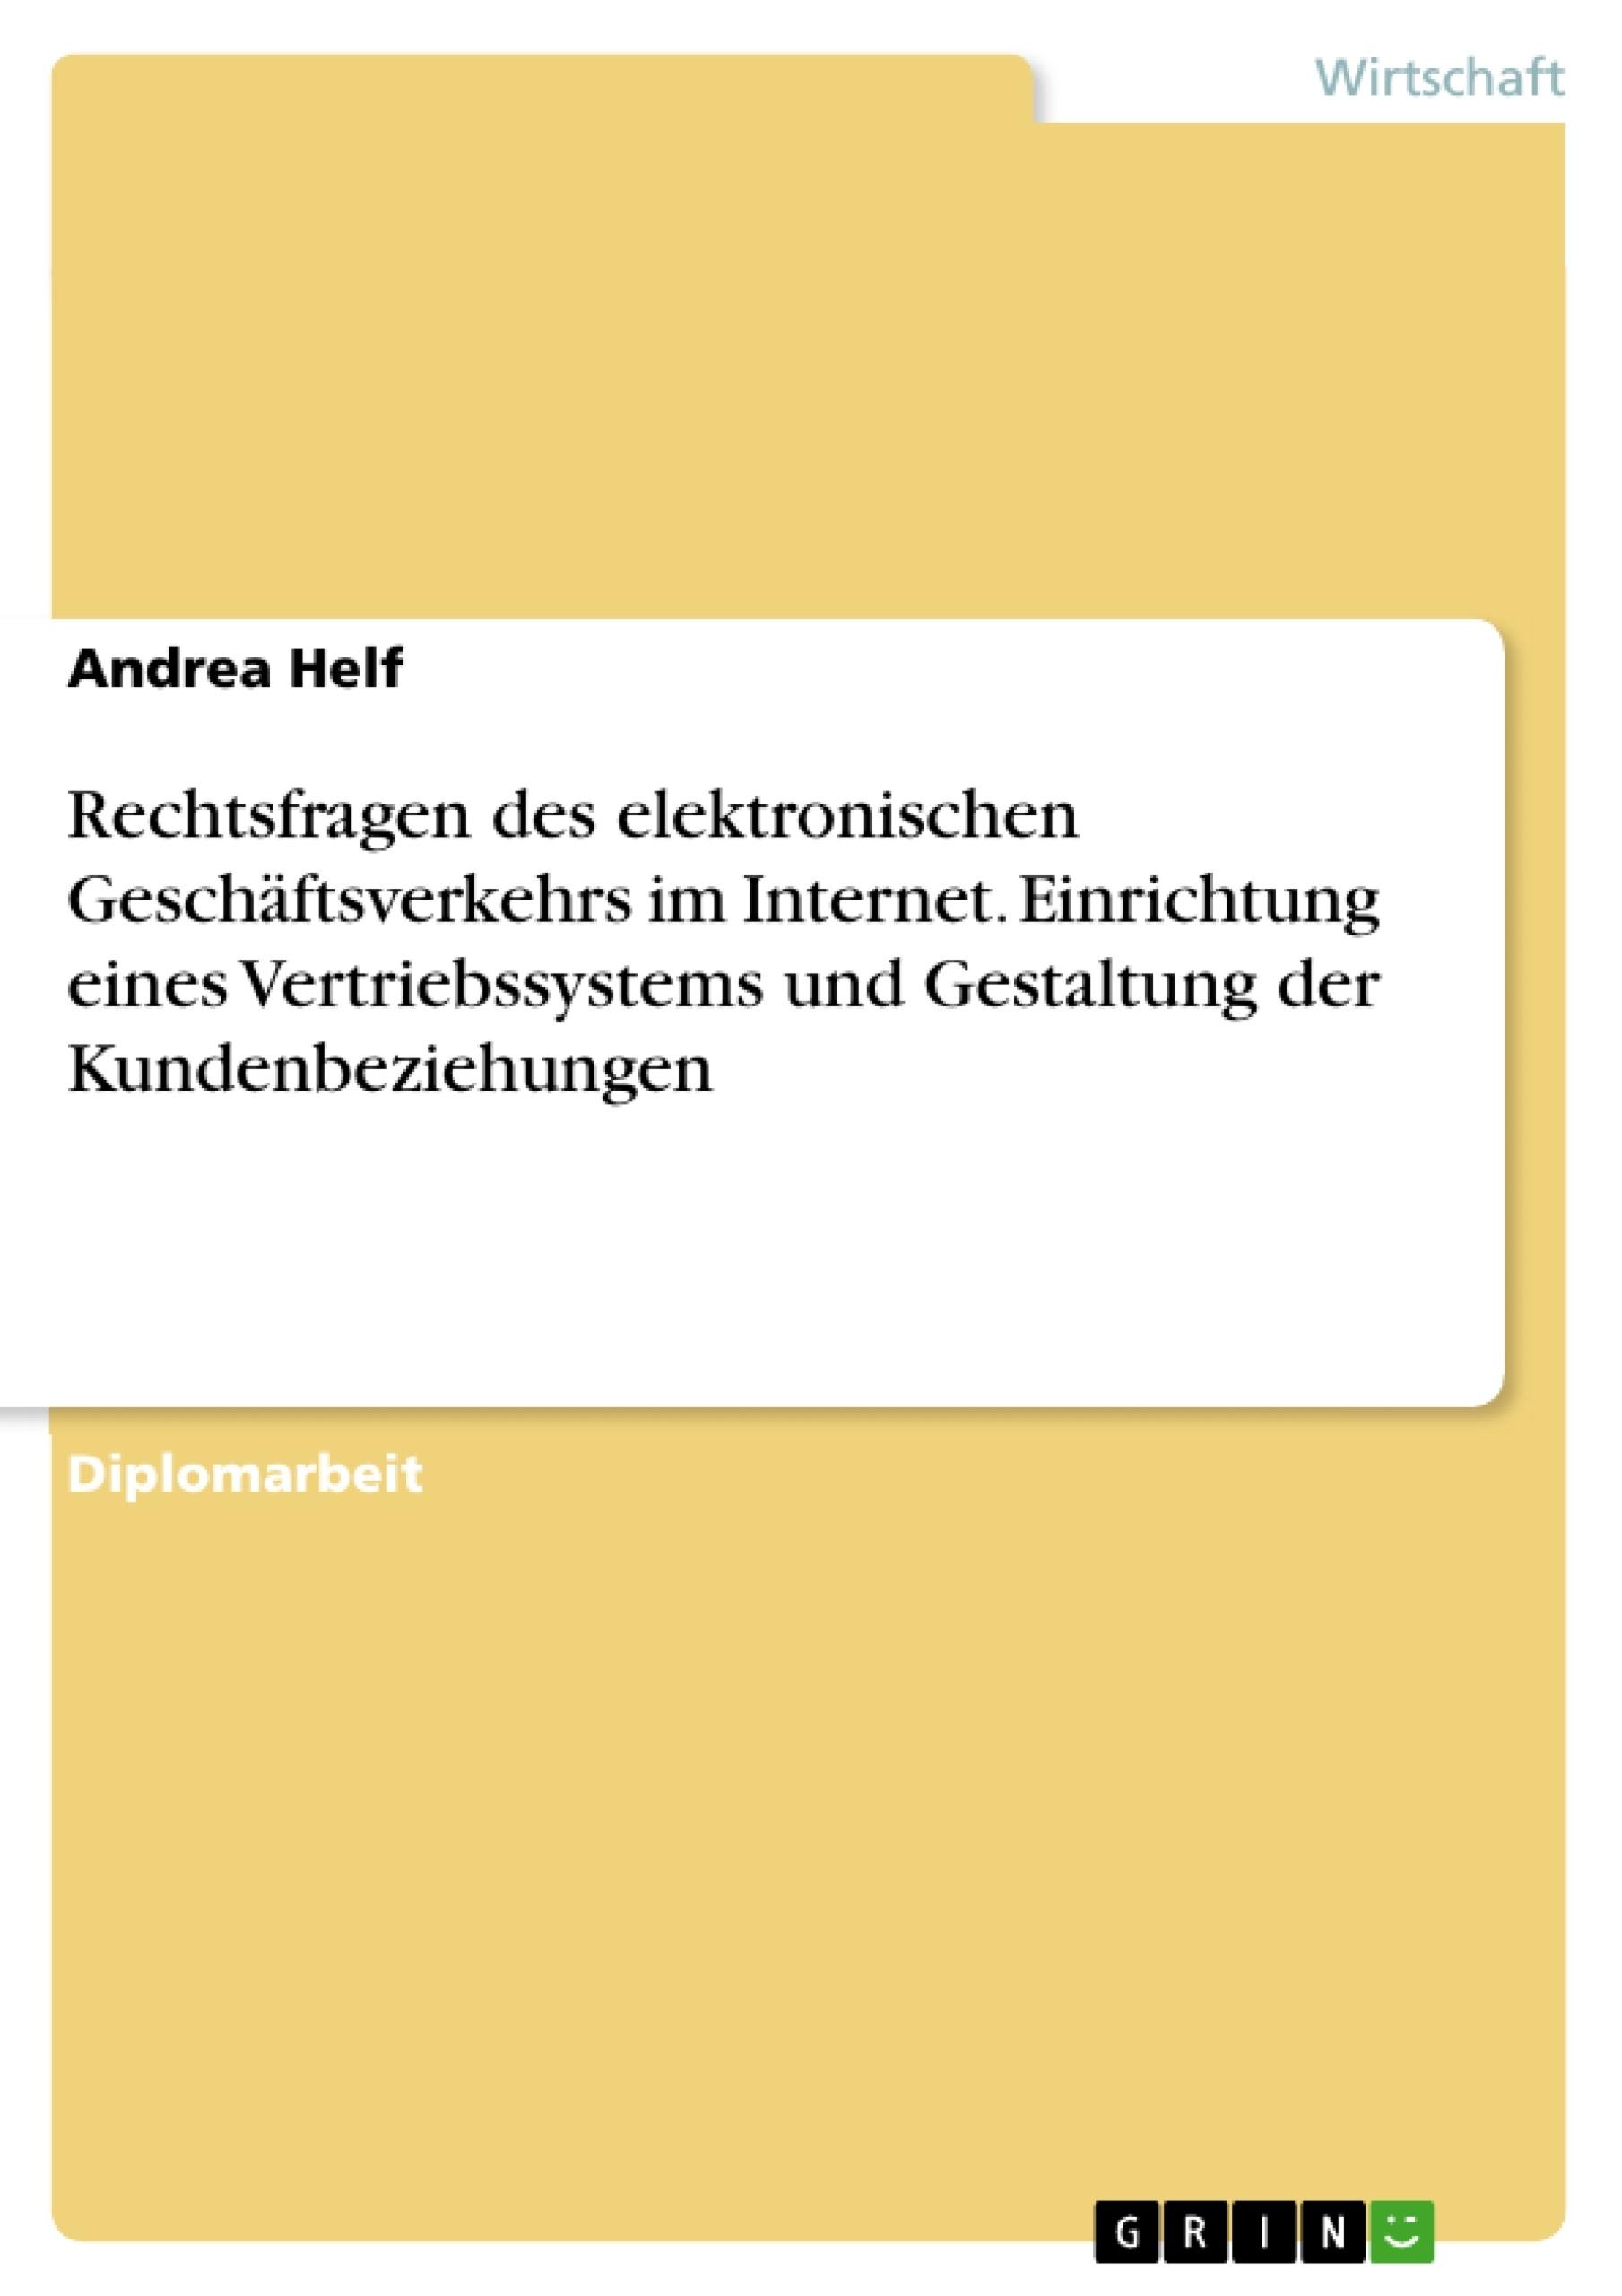 Titel: Rechtsfragen des elektronischen Geschäftsverkehrs im Internet. Einrichtung eines Vertriebssystems und Gestaltung der Kundenbeziehungen